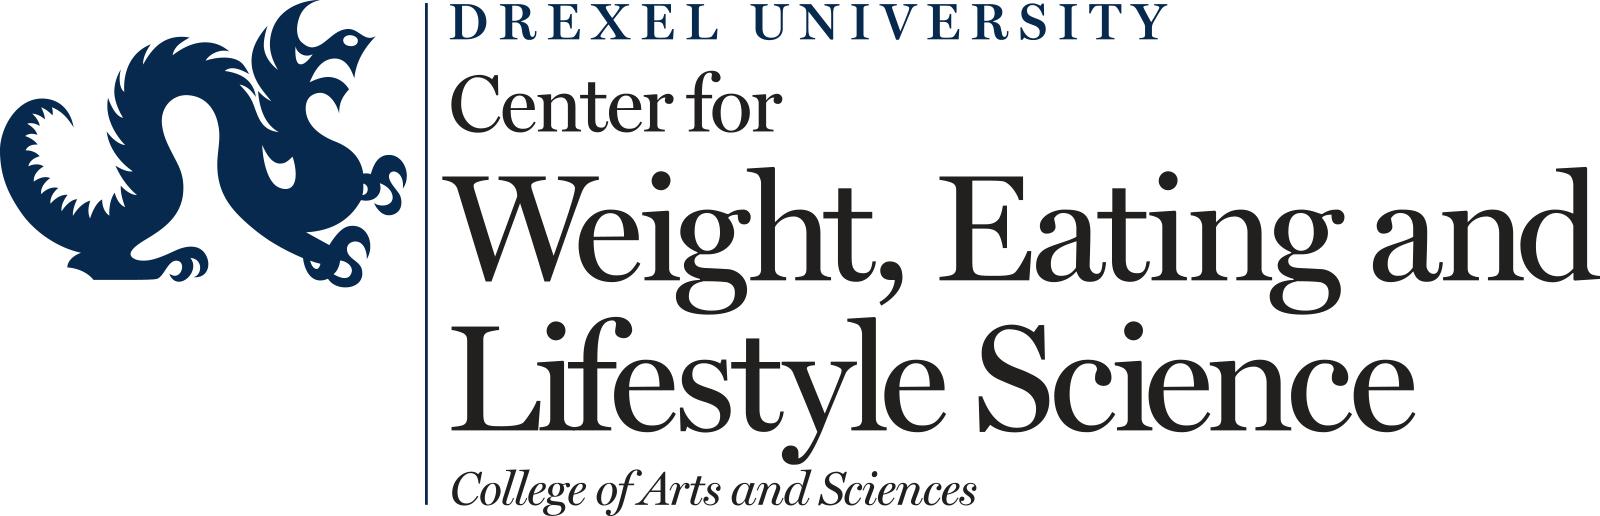 WELL Center Logo - 1600x516